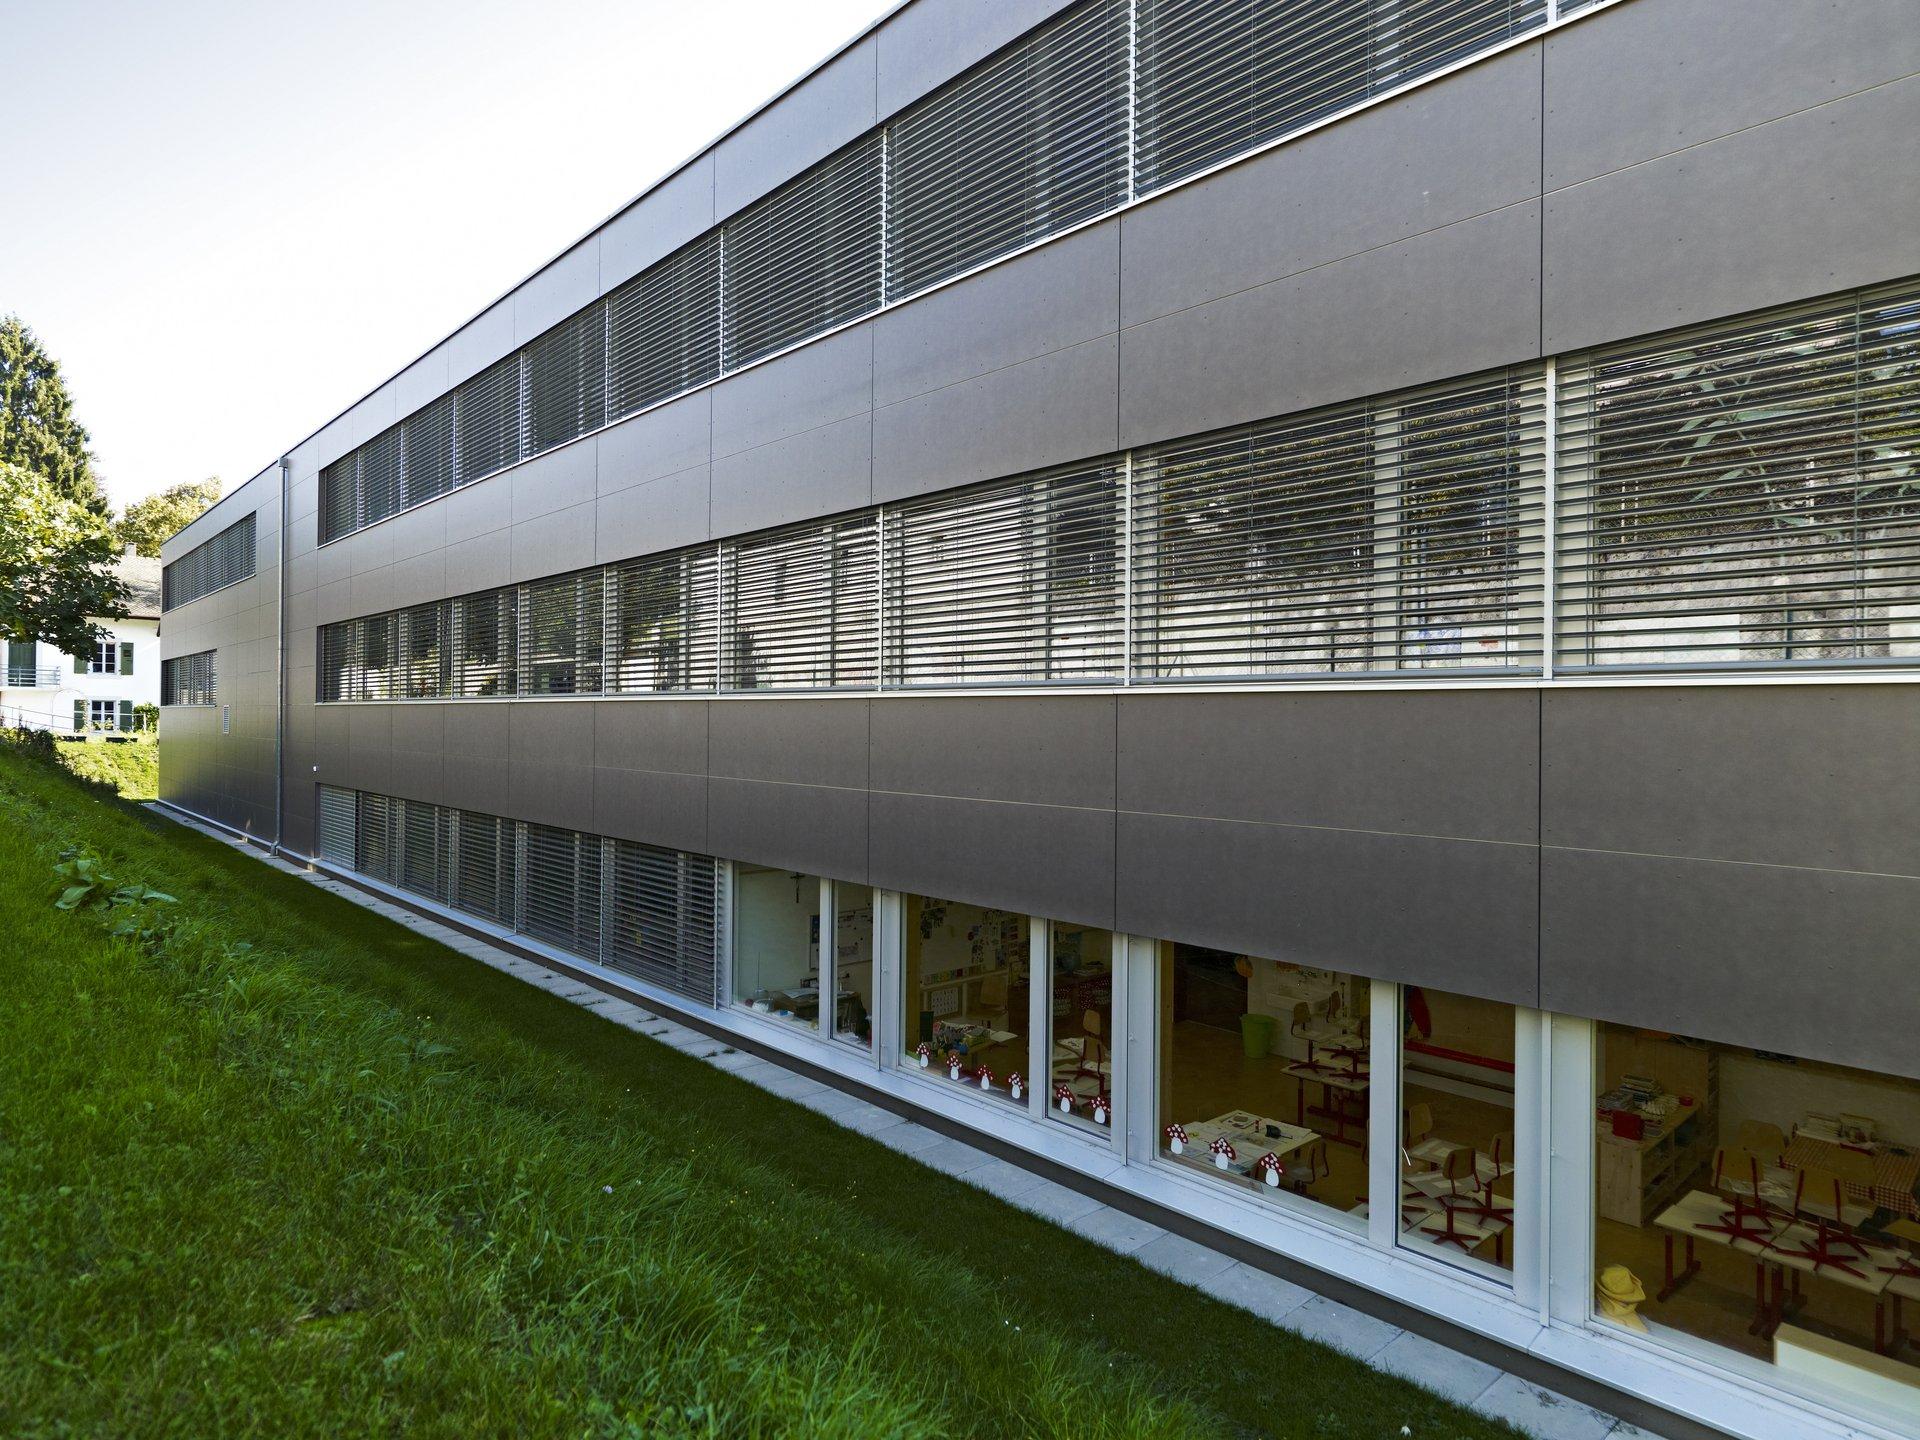 Bâtiment scolaire de 3 étages à façade de fenêtres généreuse